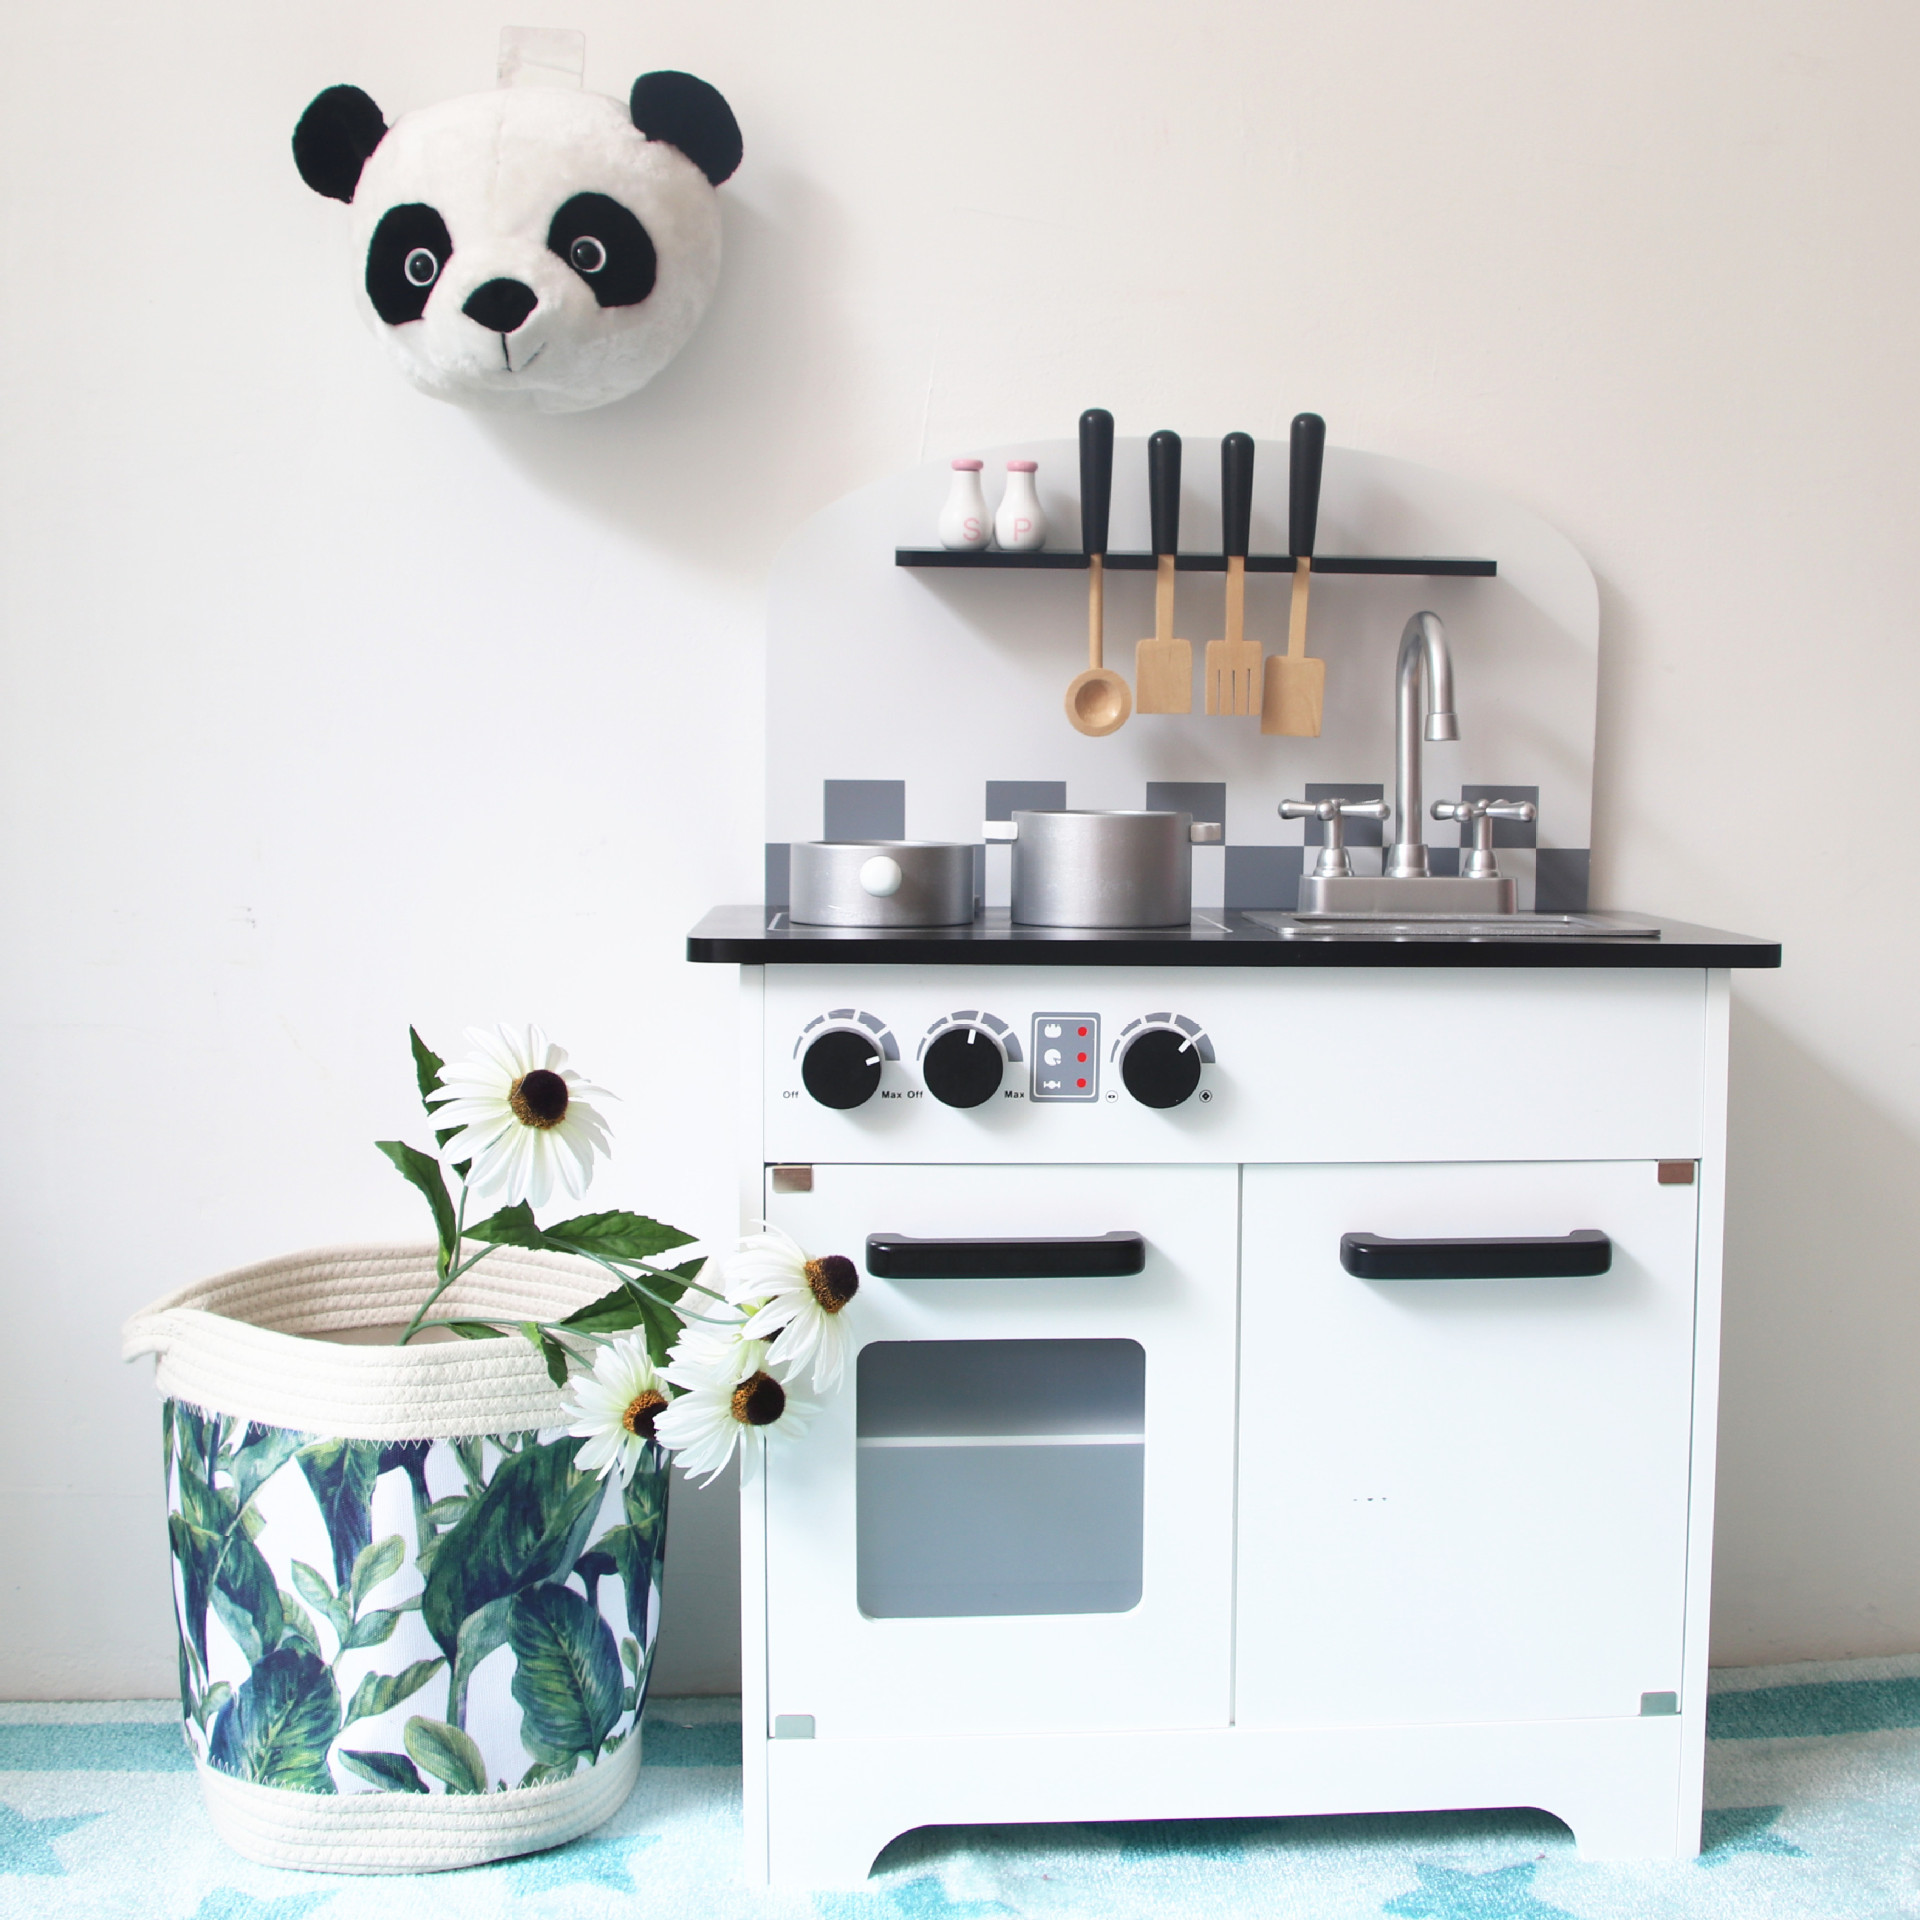 Style nordique décoration de chambre d'enfant cuisine en bois jouets éducatifs pour enfants décoration de crèche cadeau d'anniversaire